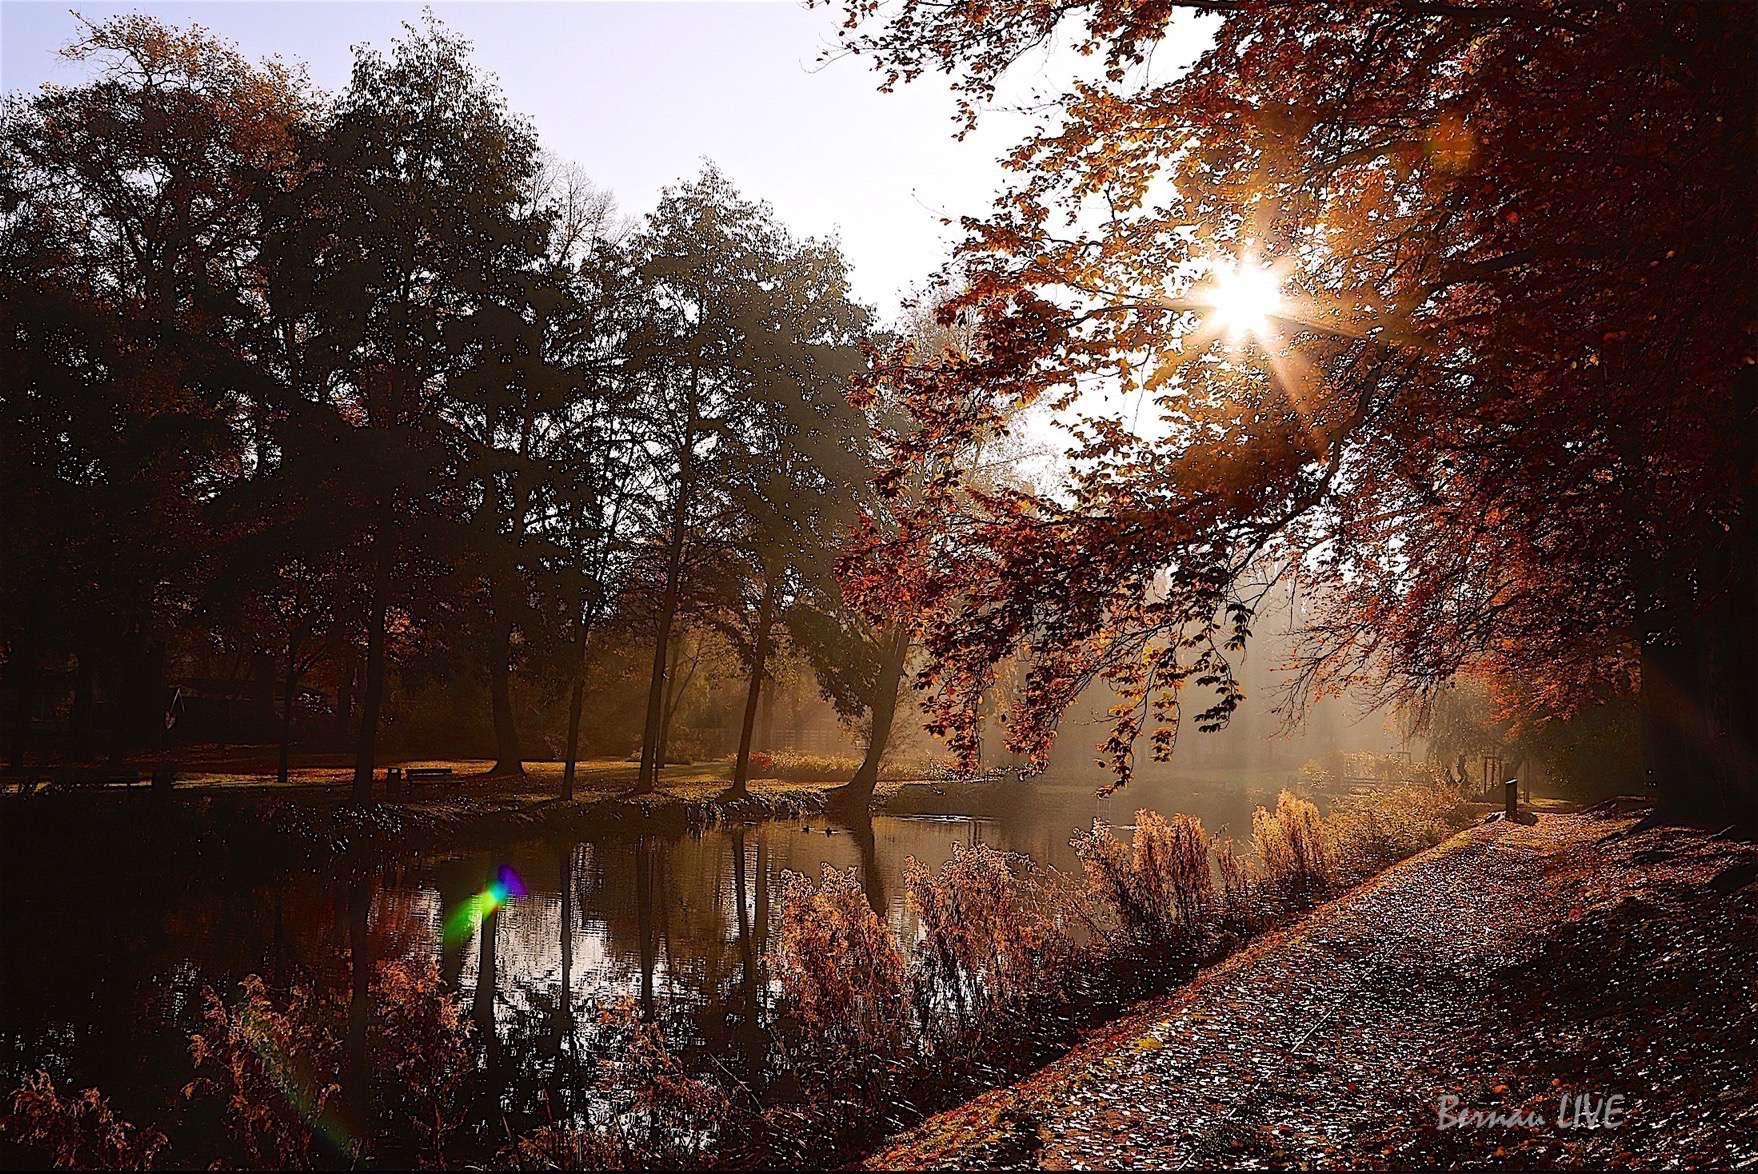 Barnim - Bernau: Die Sonne ist da! Guten Morgen